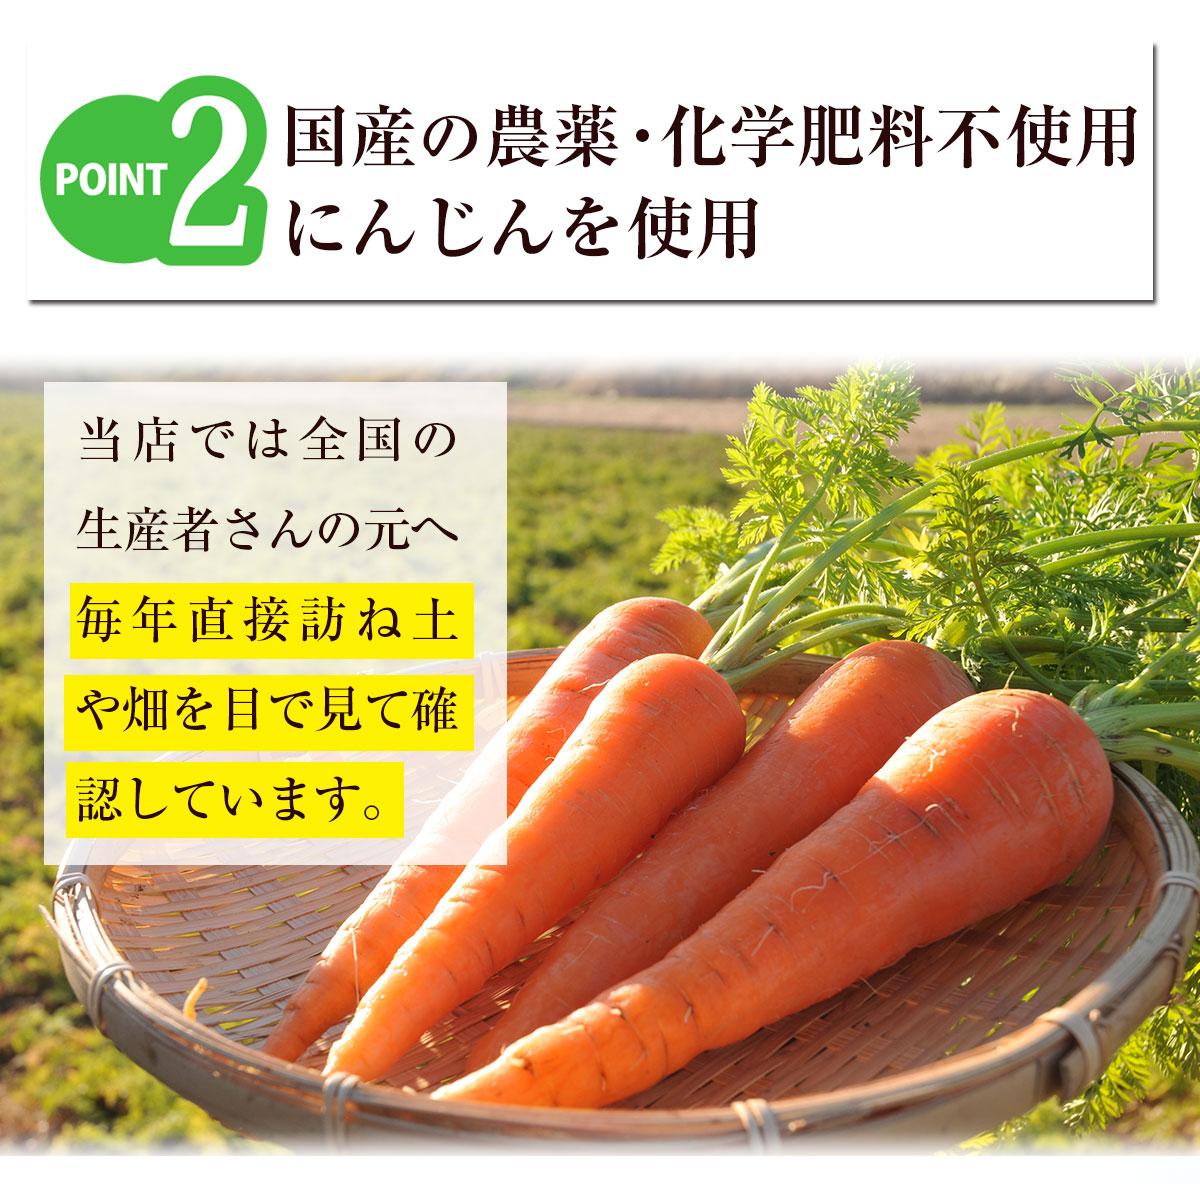 農薬・化学肥料不使用にんじんを使用